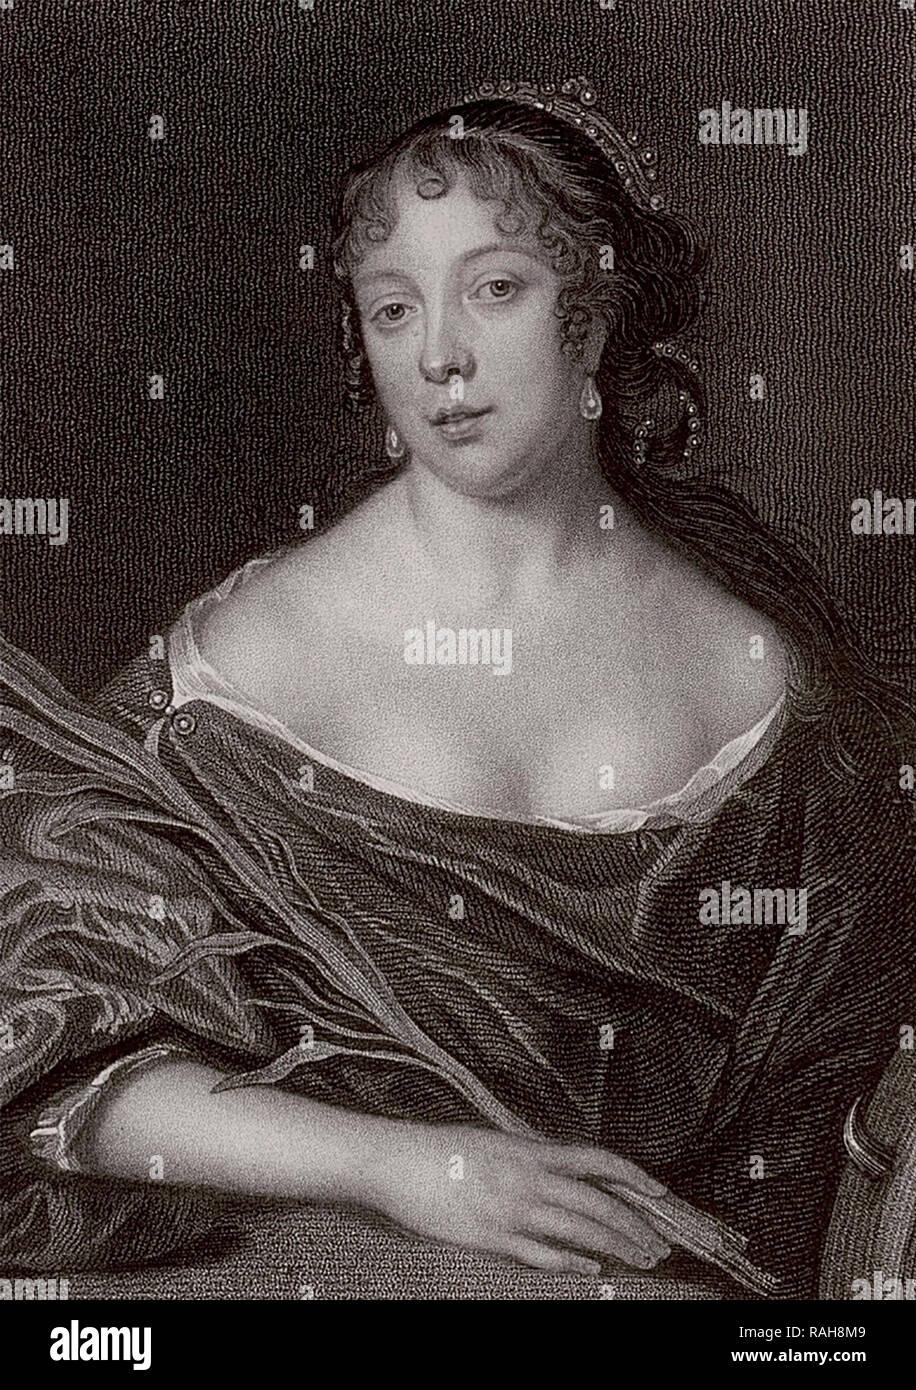 Elizabeth Pepys - esposa de Samuel Pepys - 1825 imprimir de un retrato del siglo XVII. Imagen De Stock